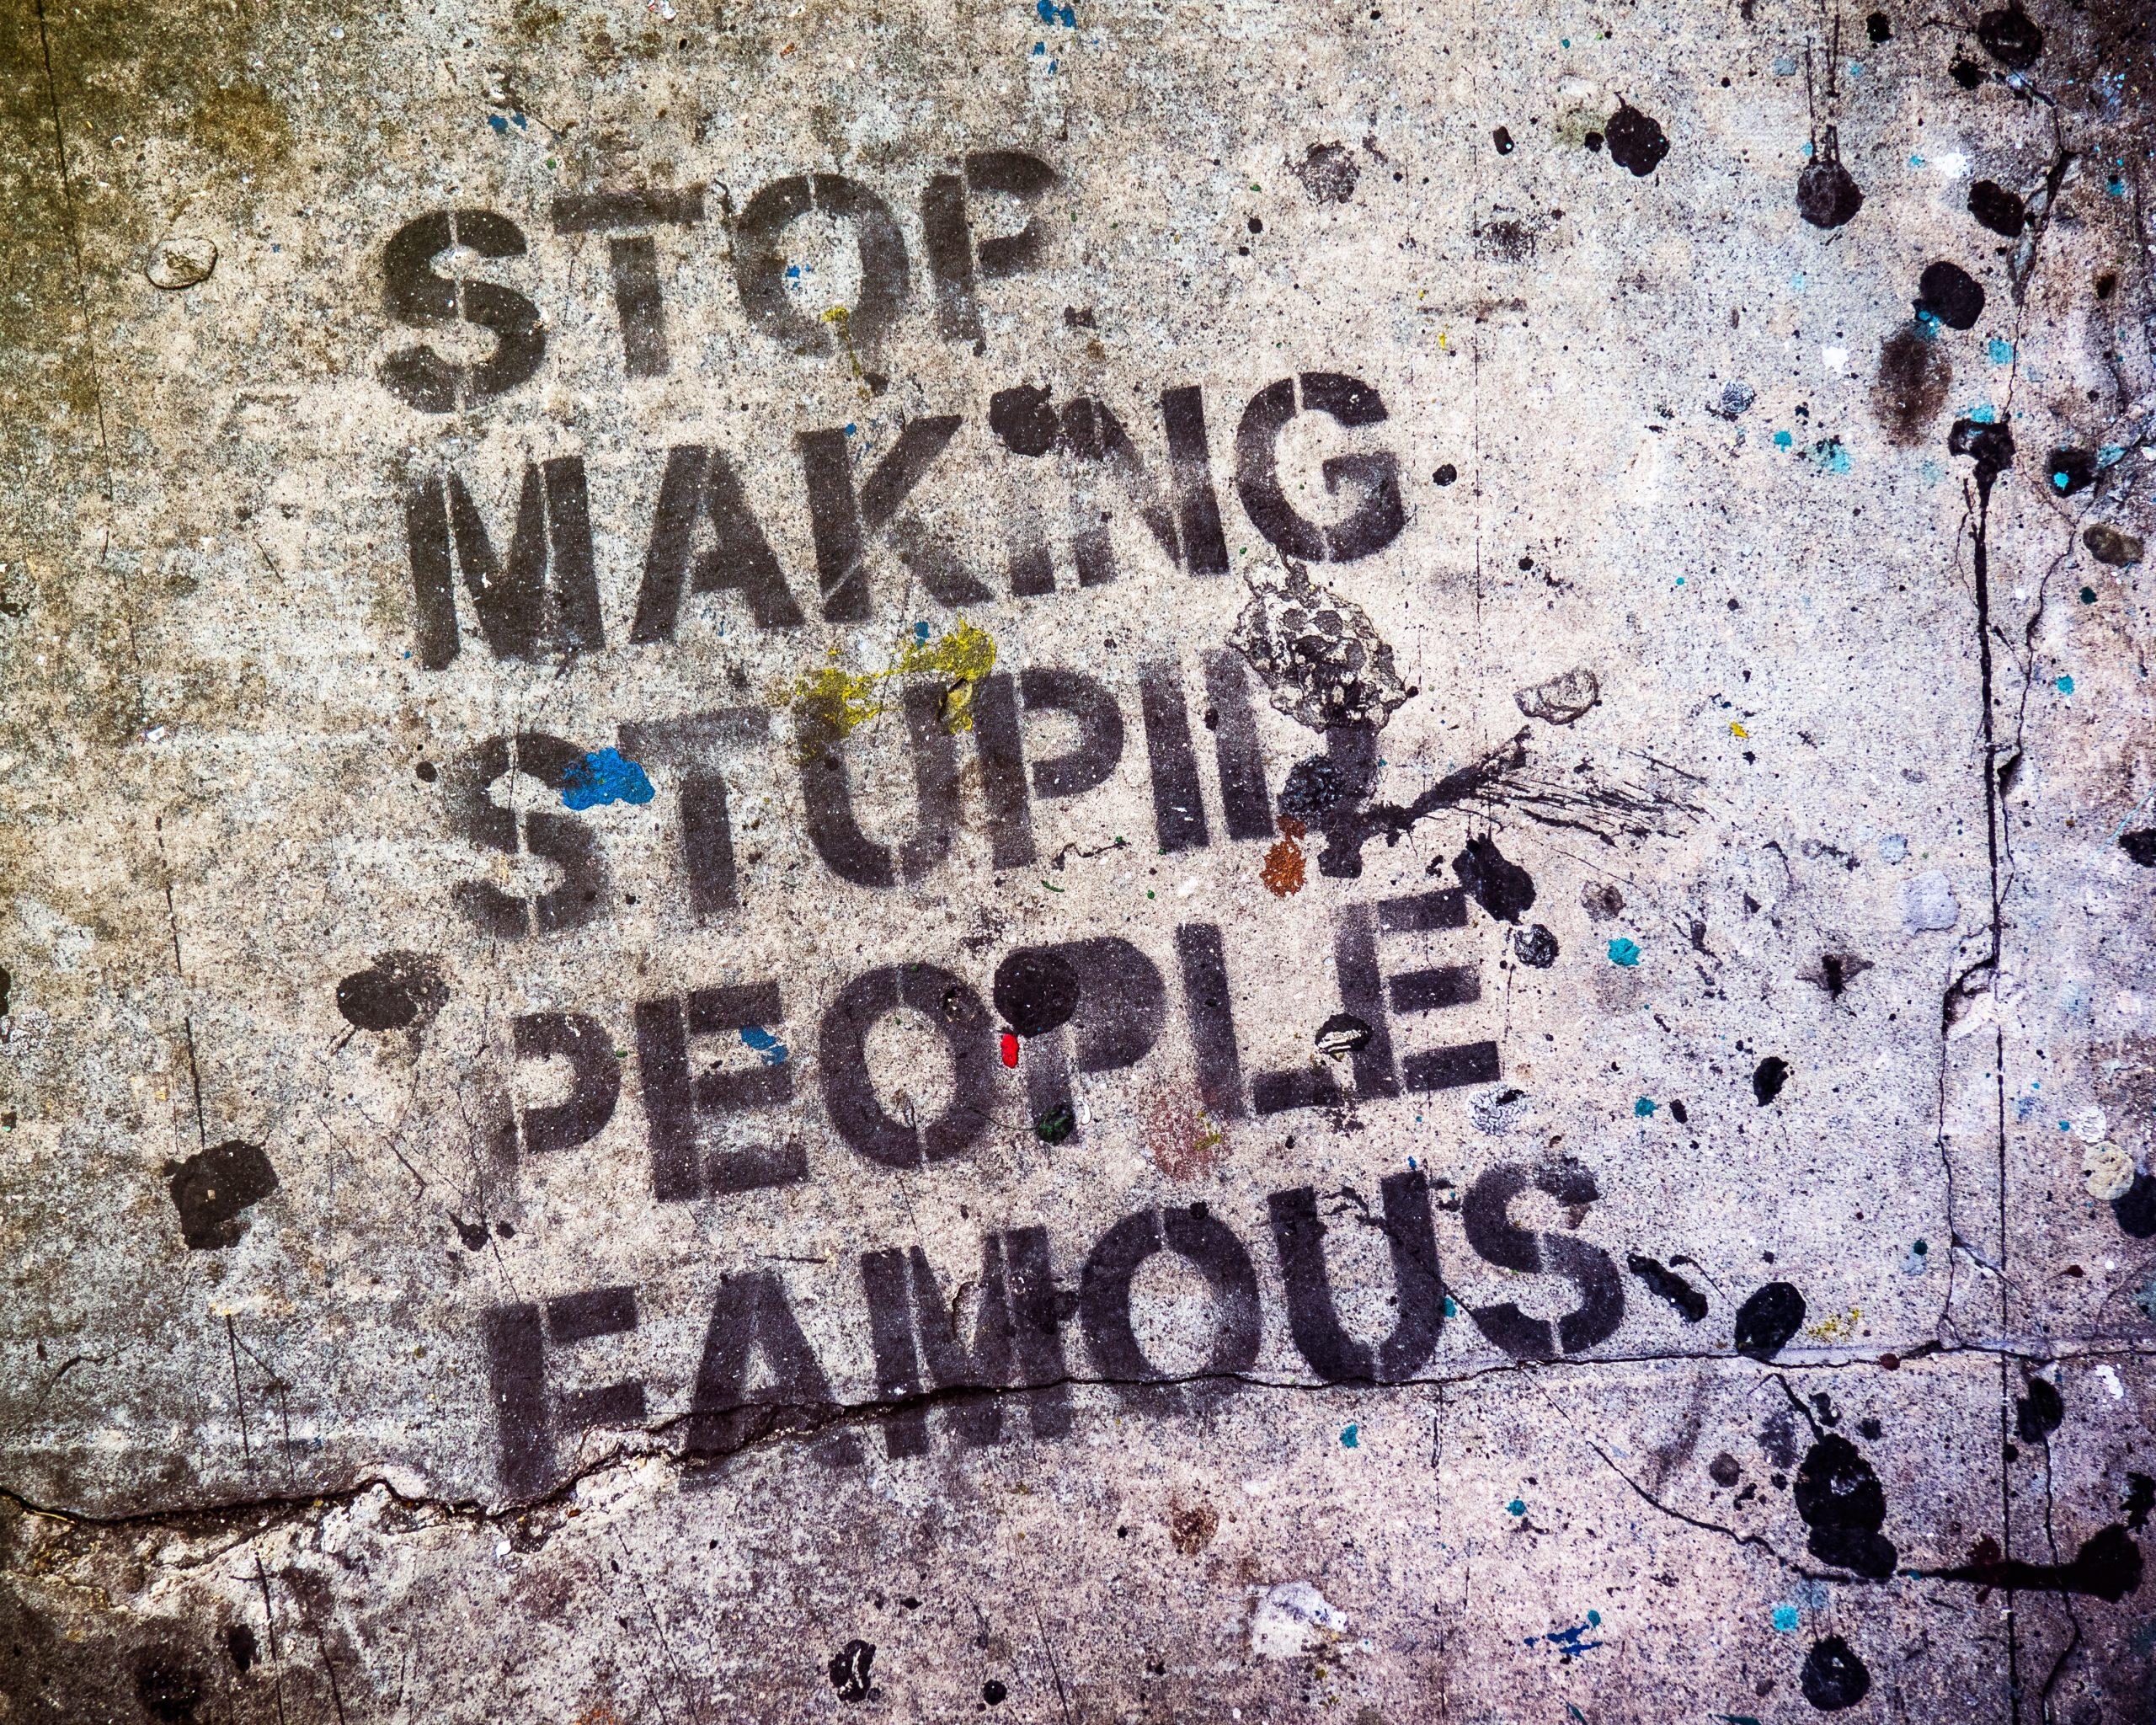 Hej alle. Har du erfaring med, at din ejendom bliver overmalet med graffiti? Så skal du læse med omkring fjernelse af graffiti i dag.